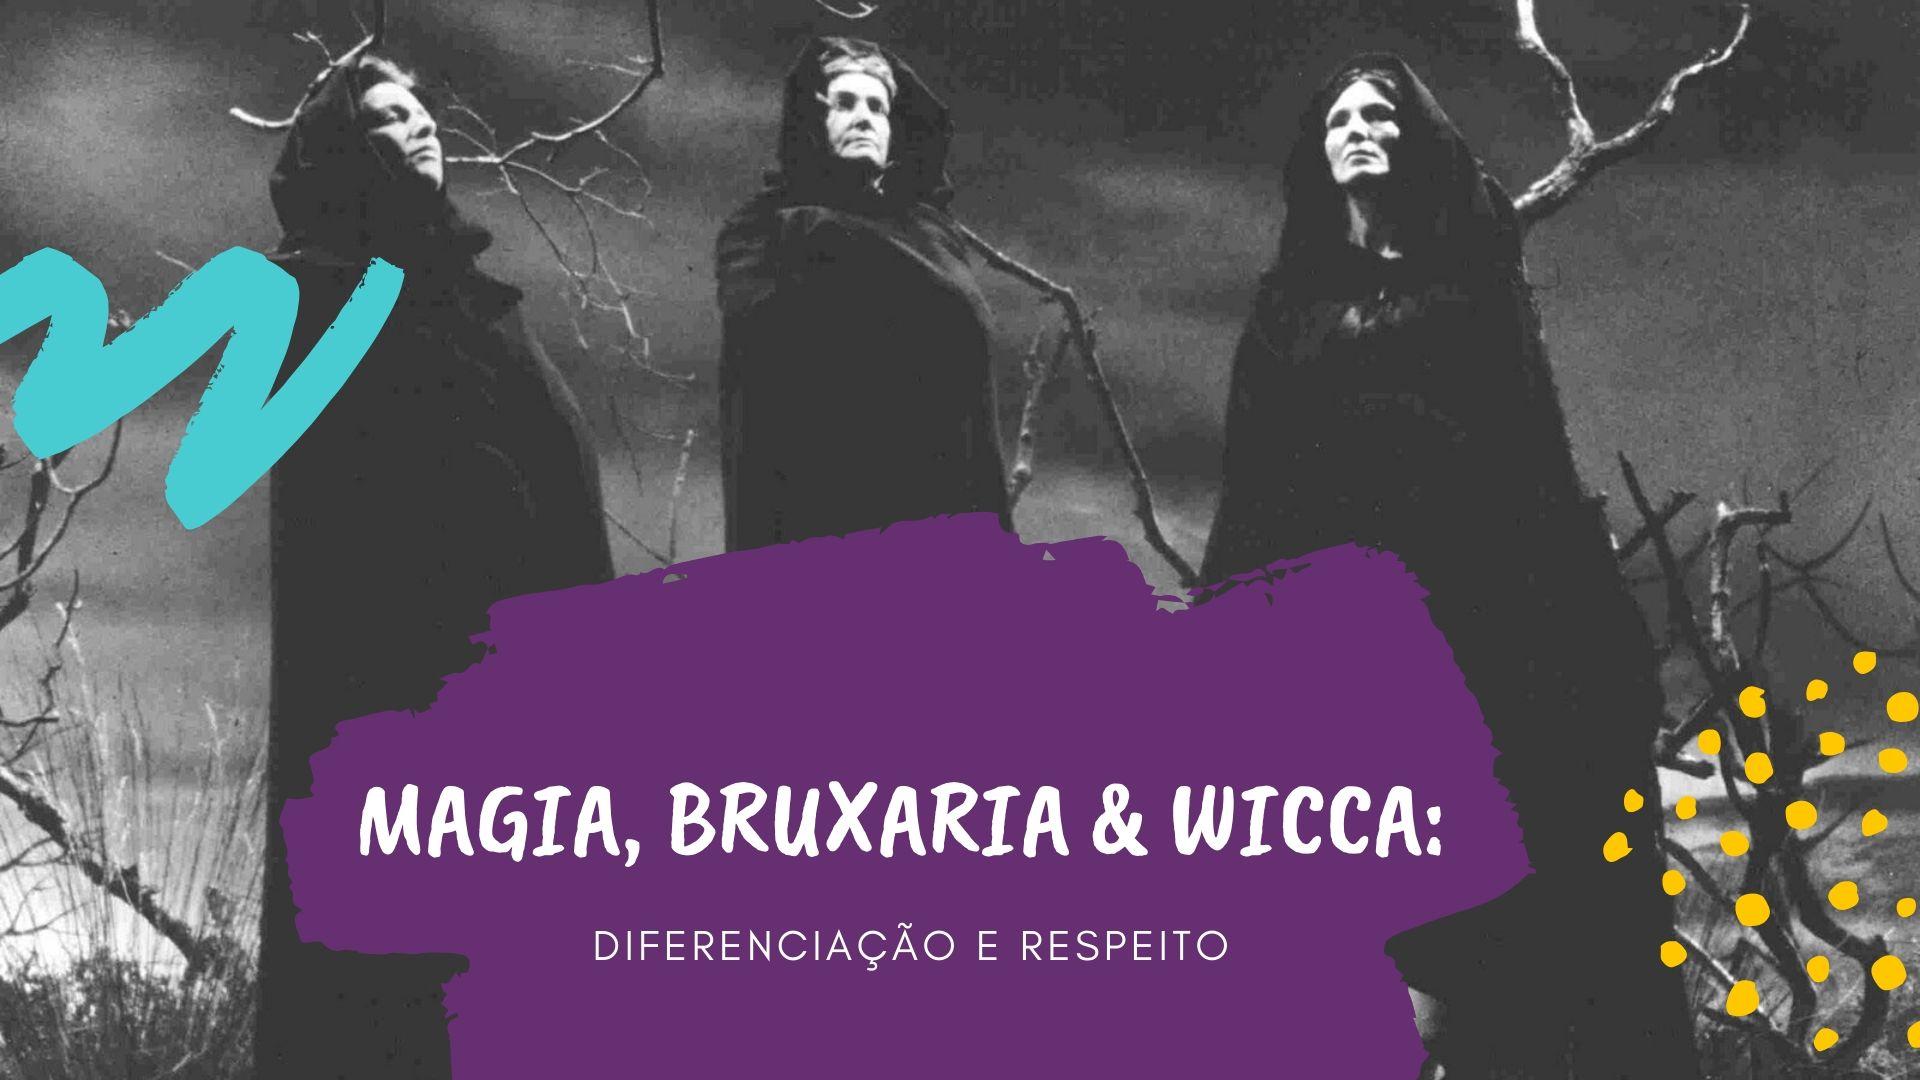 Magia, Bruxaria & Wicca: diferenciação e respeito.